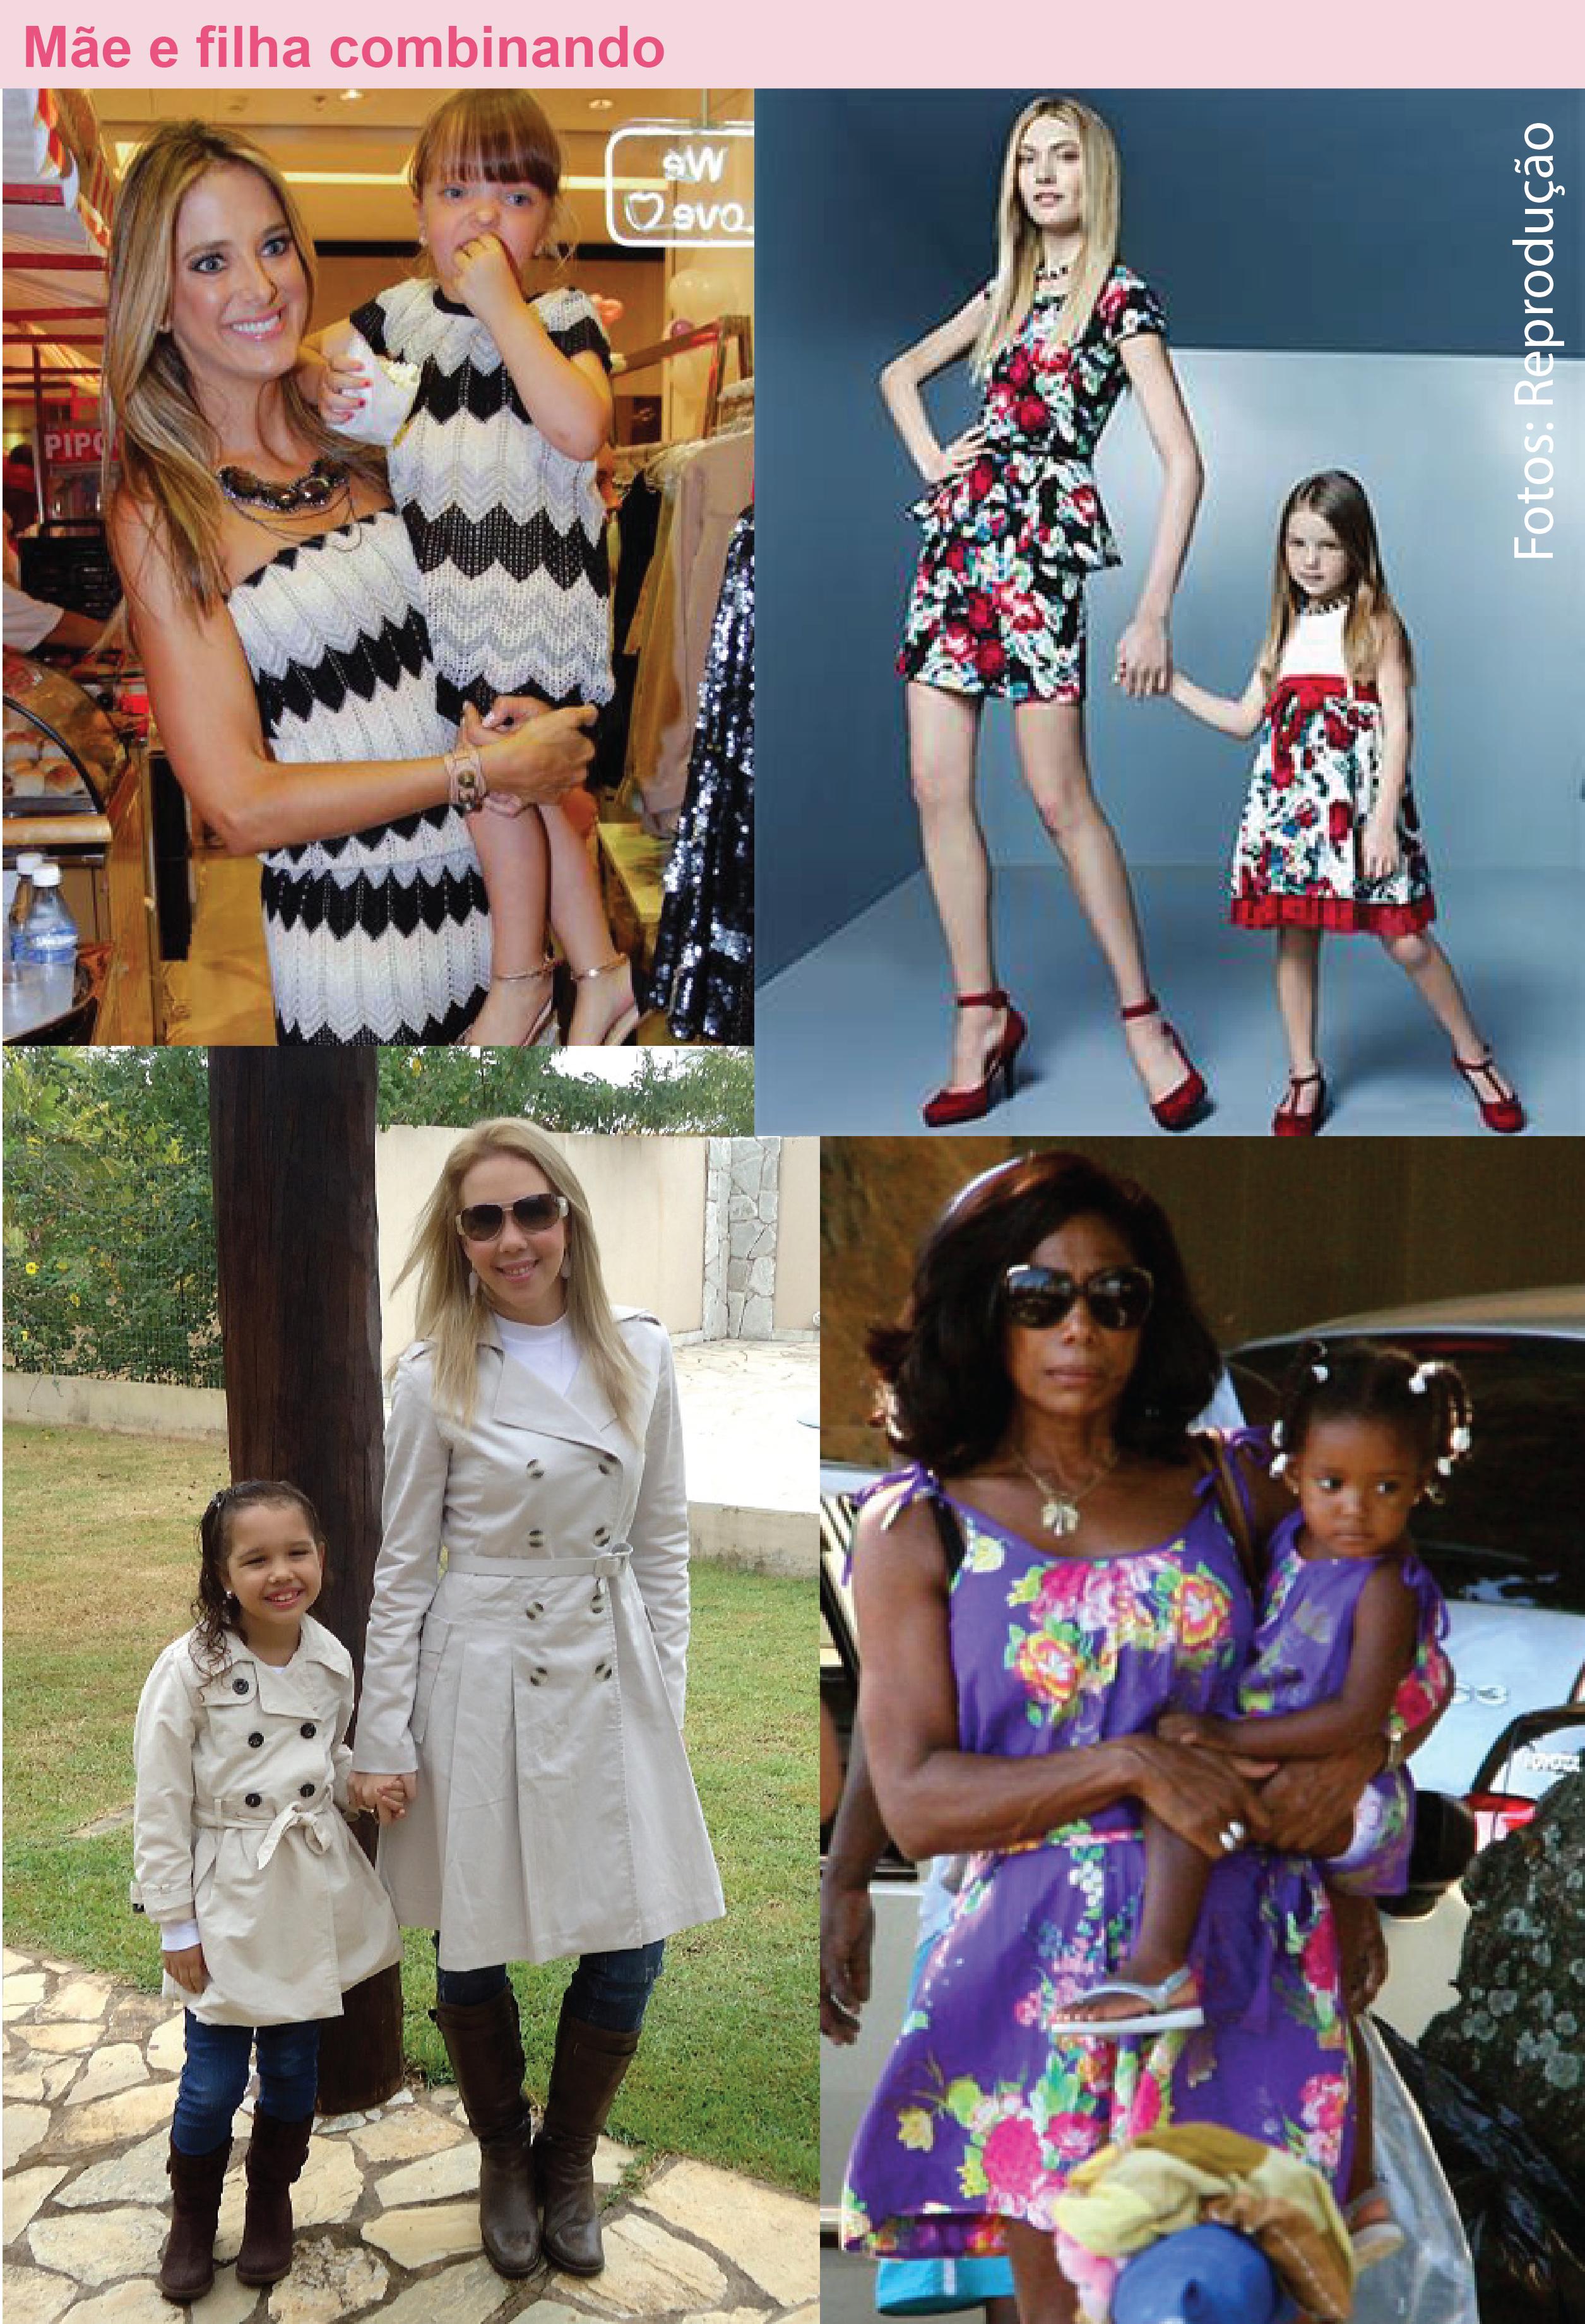 Vestido de festa mae e filha iguais